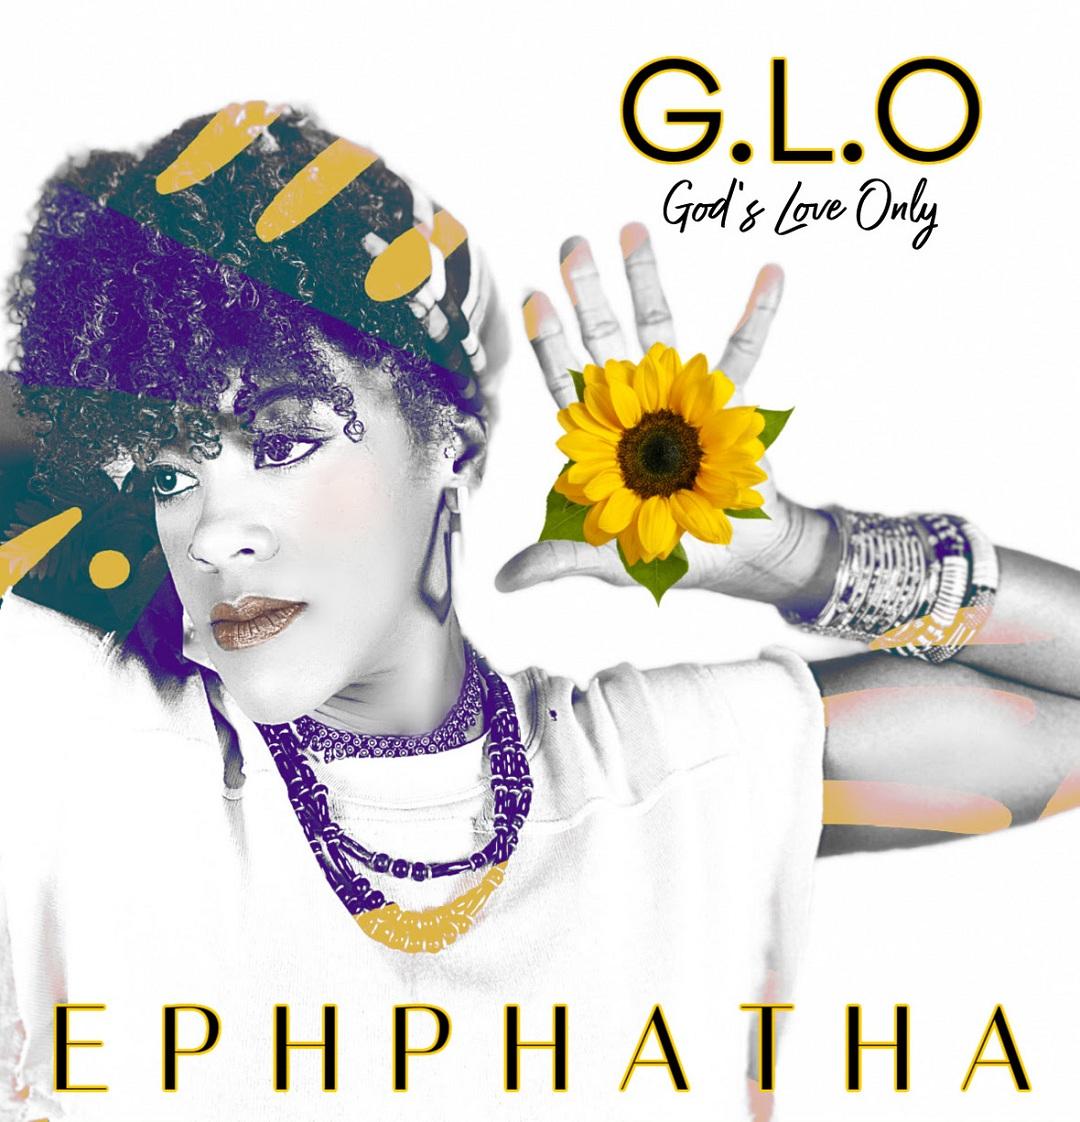 Ephphatha - G.L.O [God's Love Only]